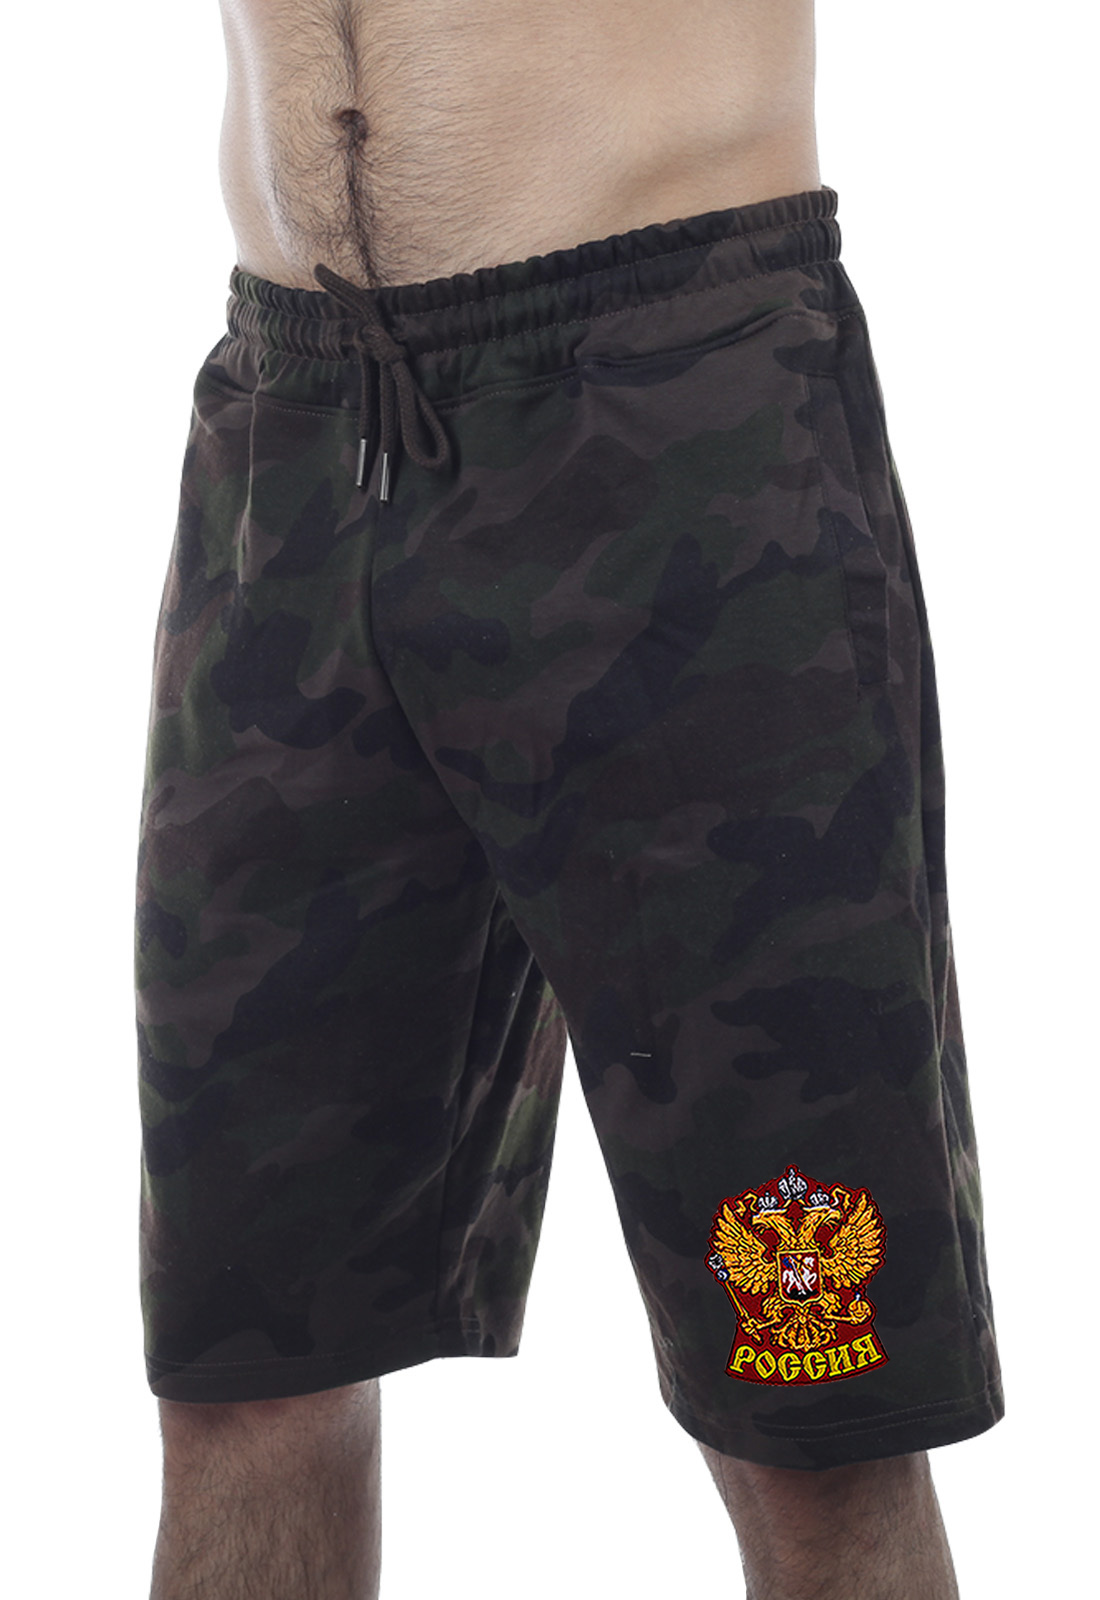 Купить удлиненные милитари шорты с нашивкой Россия по специальной цене